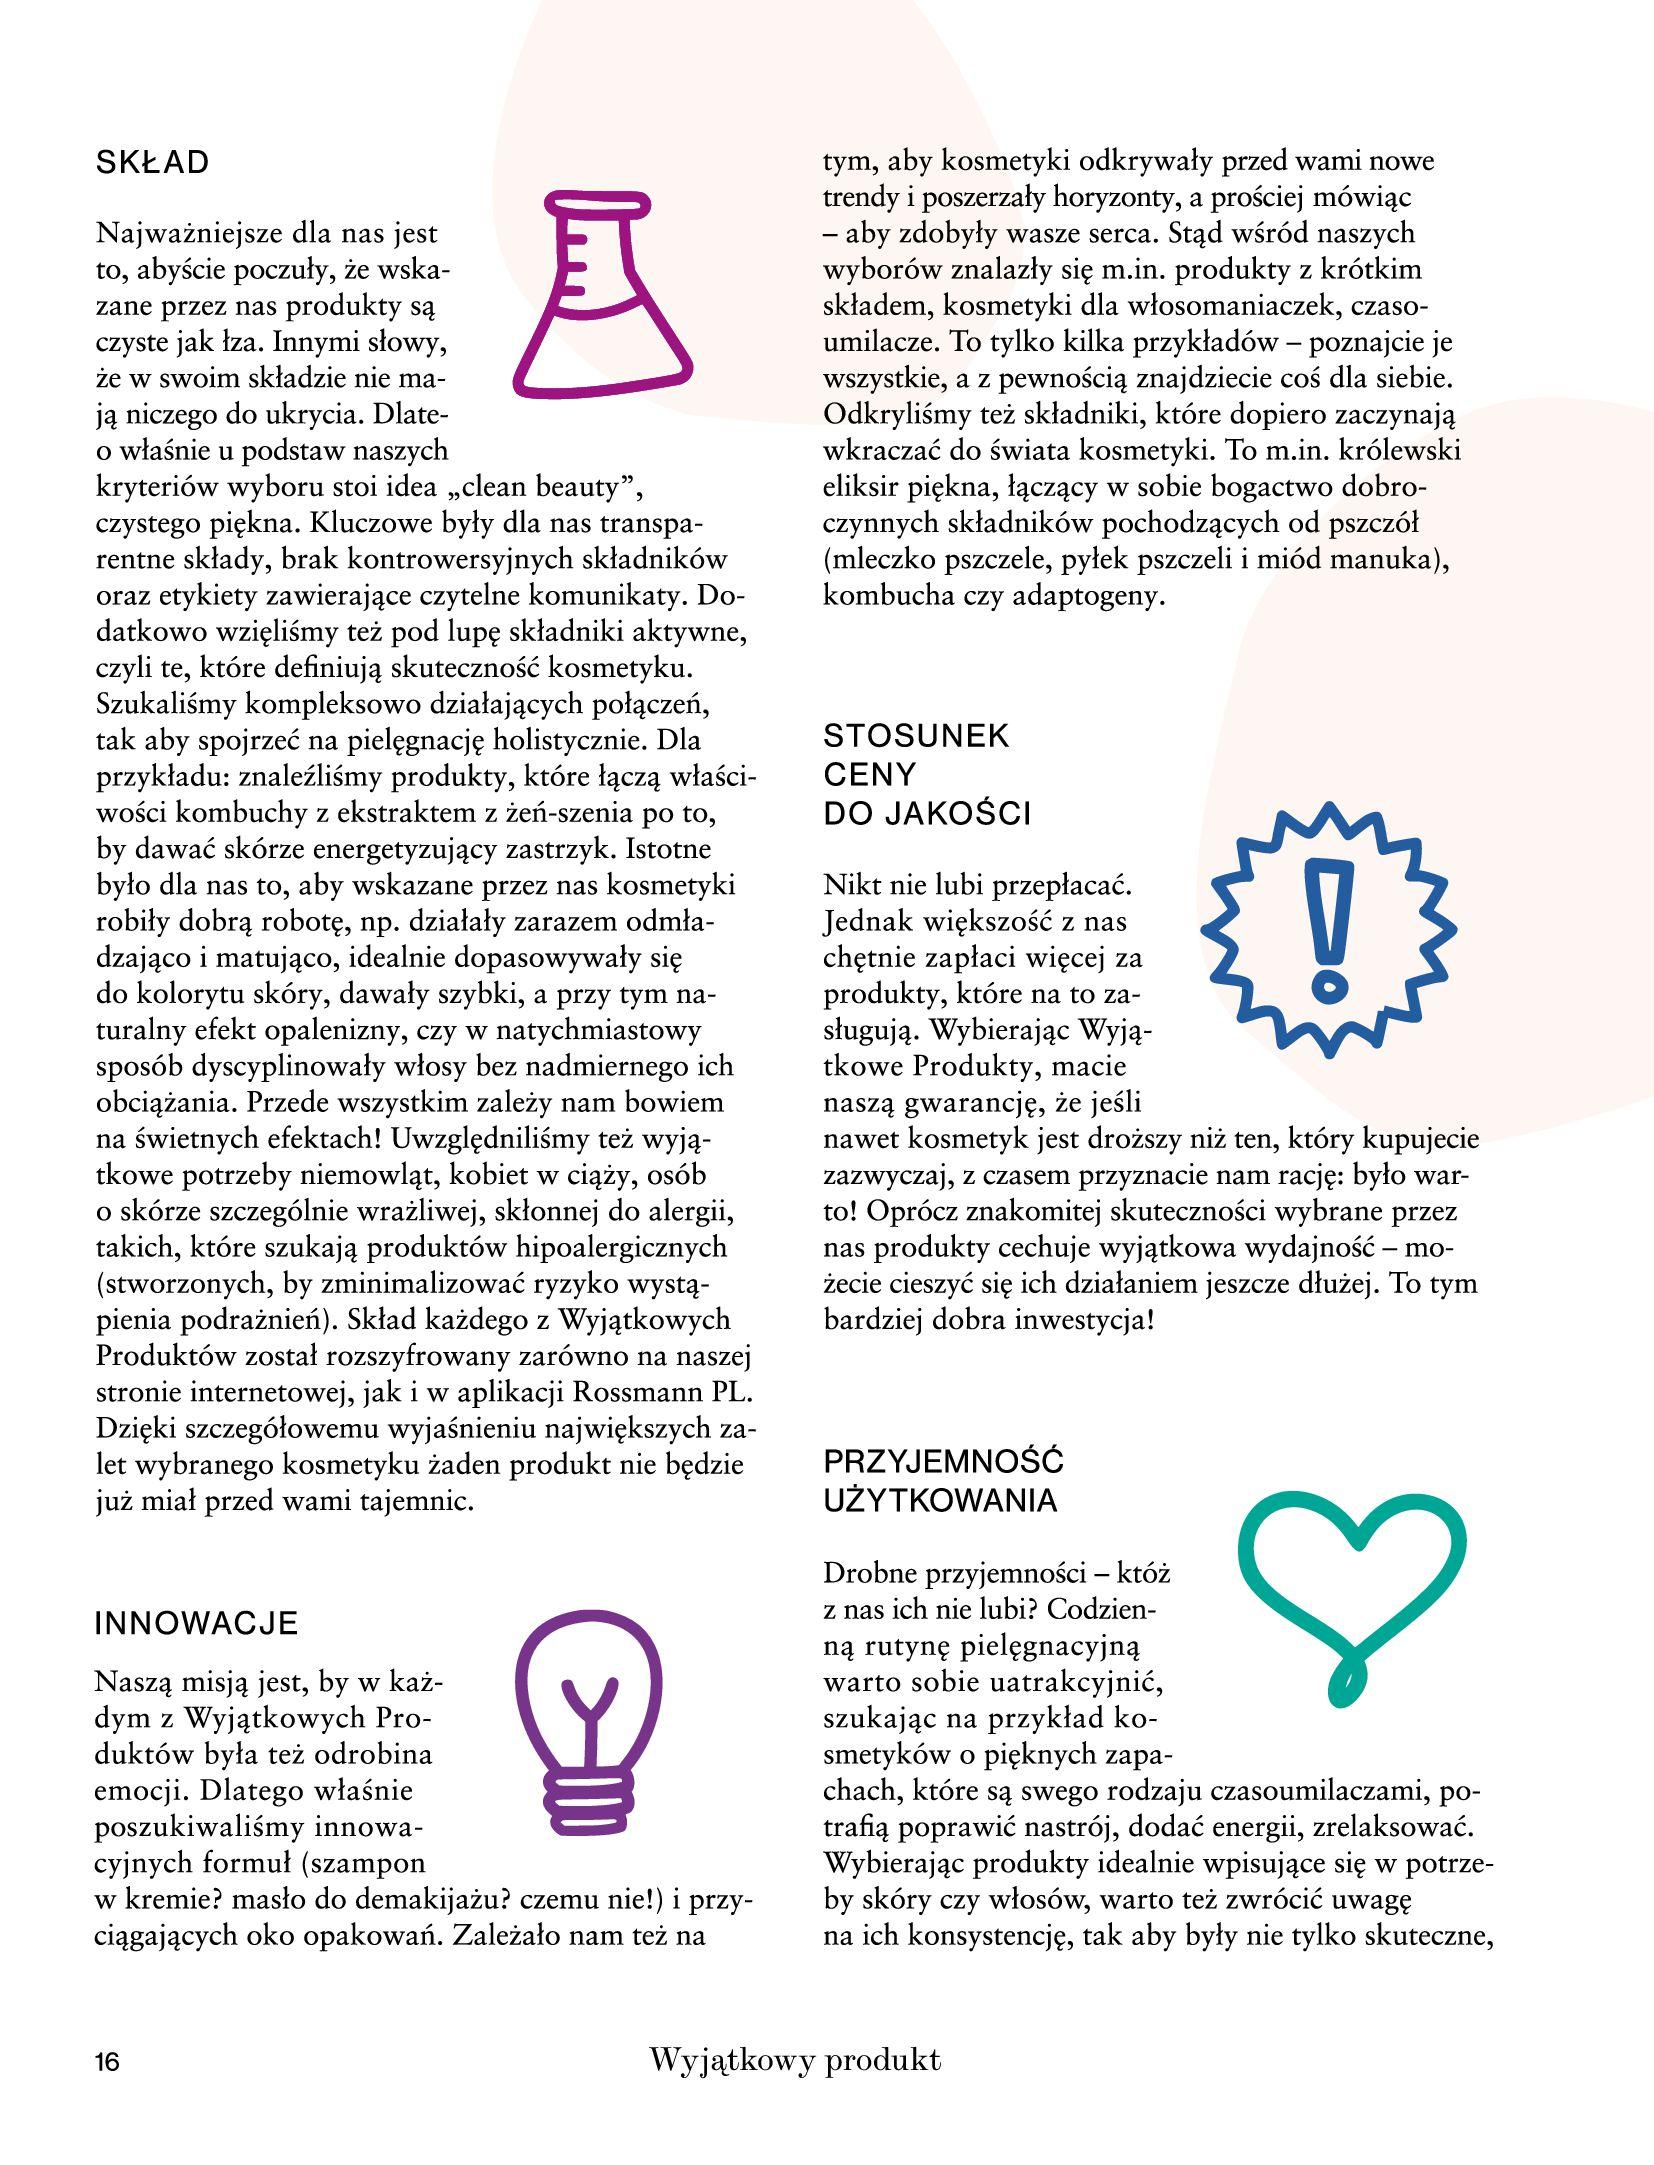 Gazetka Rossmann: Magazyn Rossmann - Skarb 2021-05-18 page-16